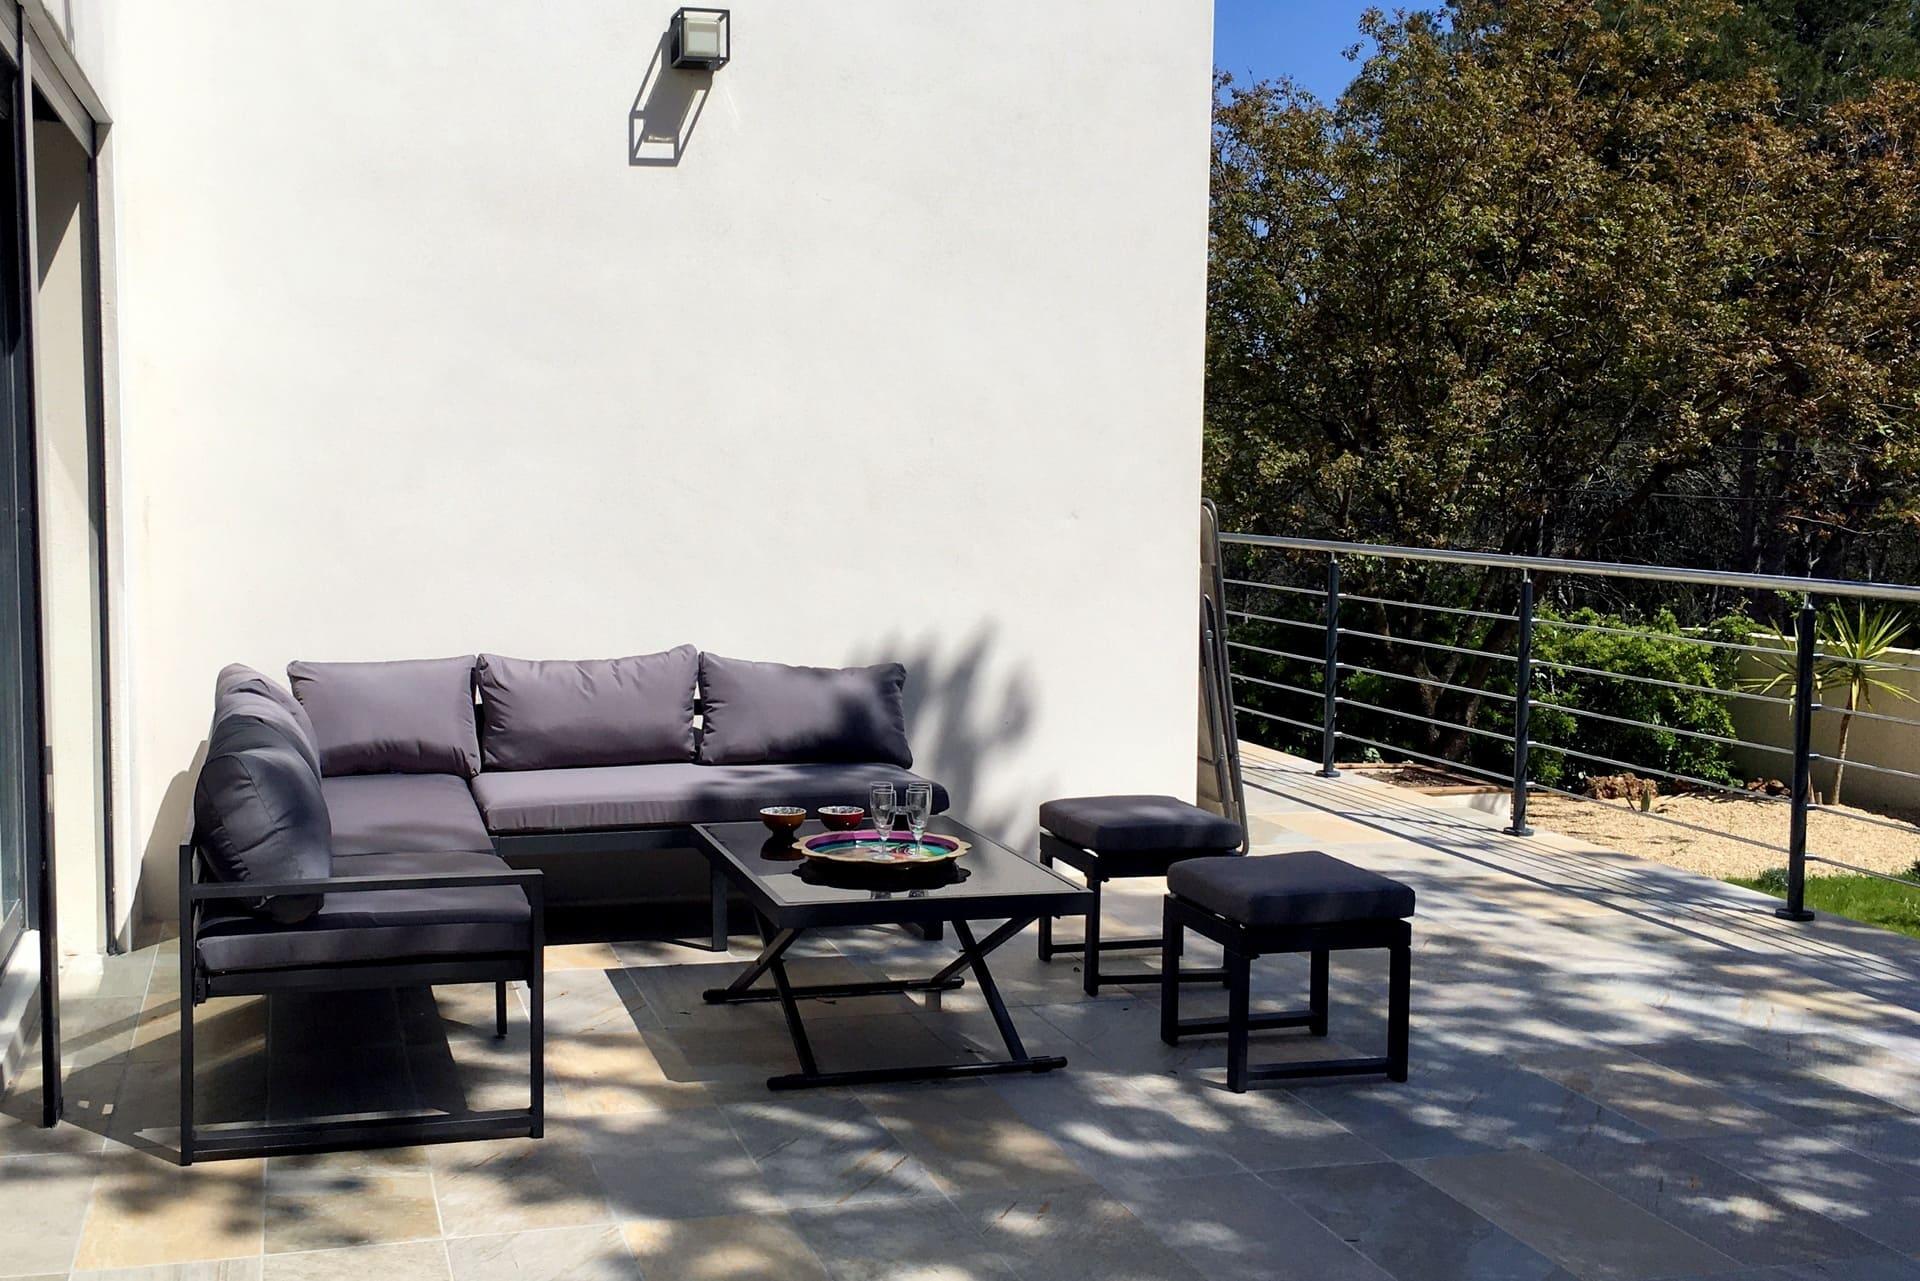 salon extérieur pour détente au soleil en famille avant de plonger dans la piscine esprit du sud à Montpellier